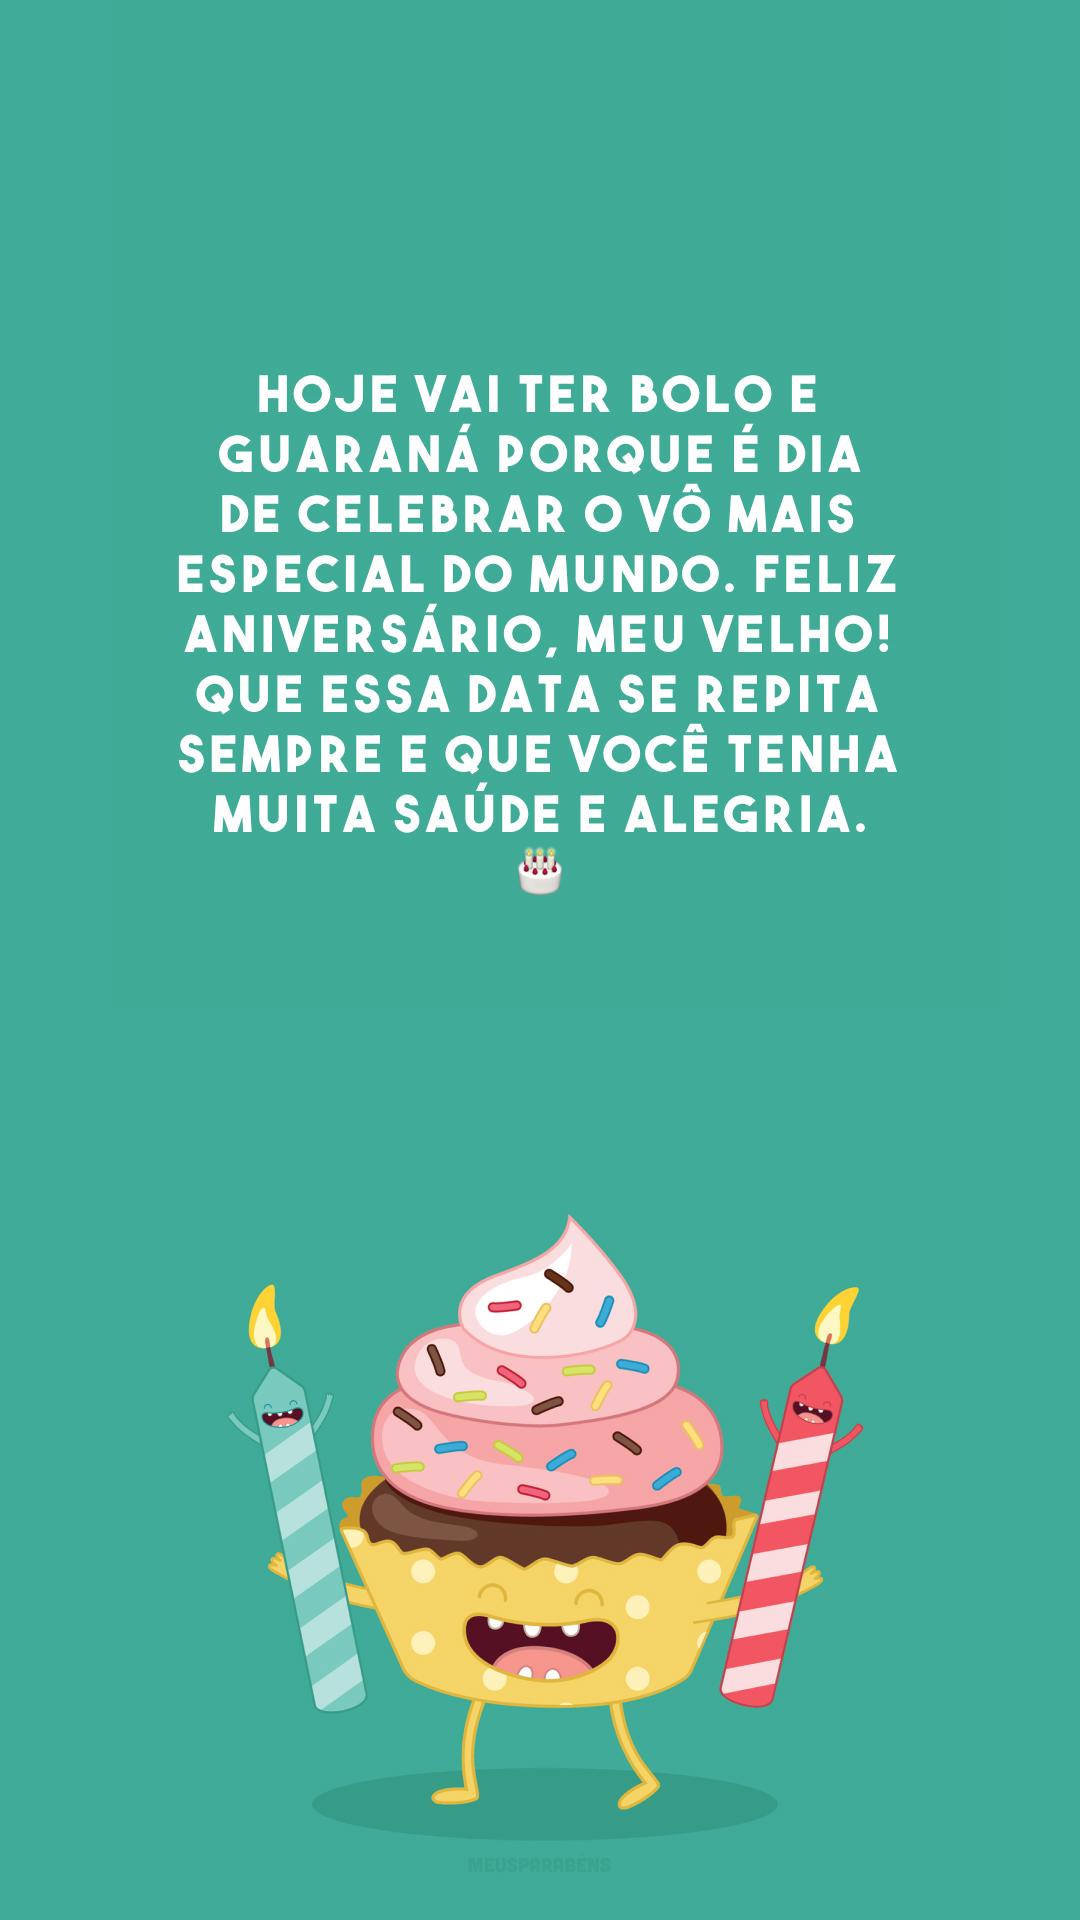 Hoje vai ter bolo e guaraná porque é dia de celebrar o vô mais especial do mundo. Feliz aniversário, meu velho! Que essa data se repita sempre e que você tenha muita saúde e alegria. 🎂